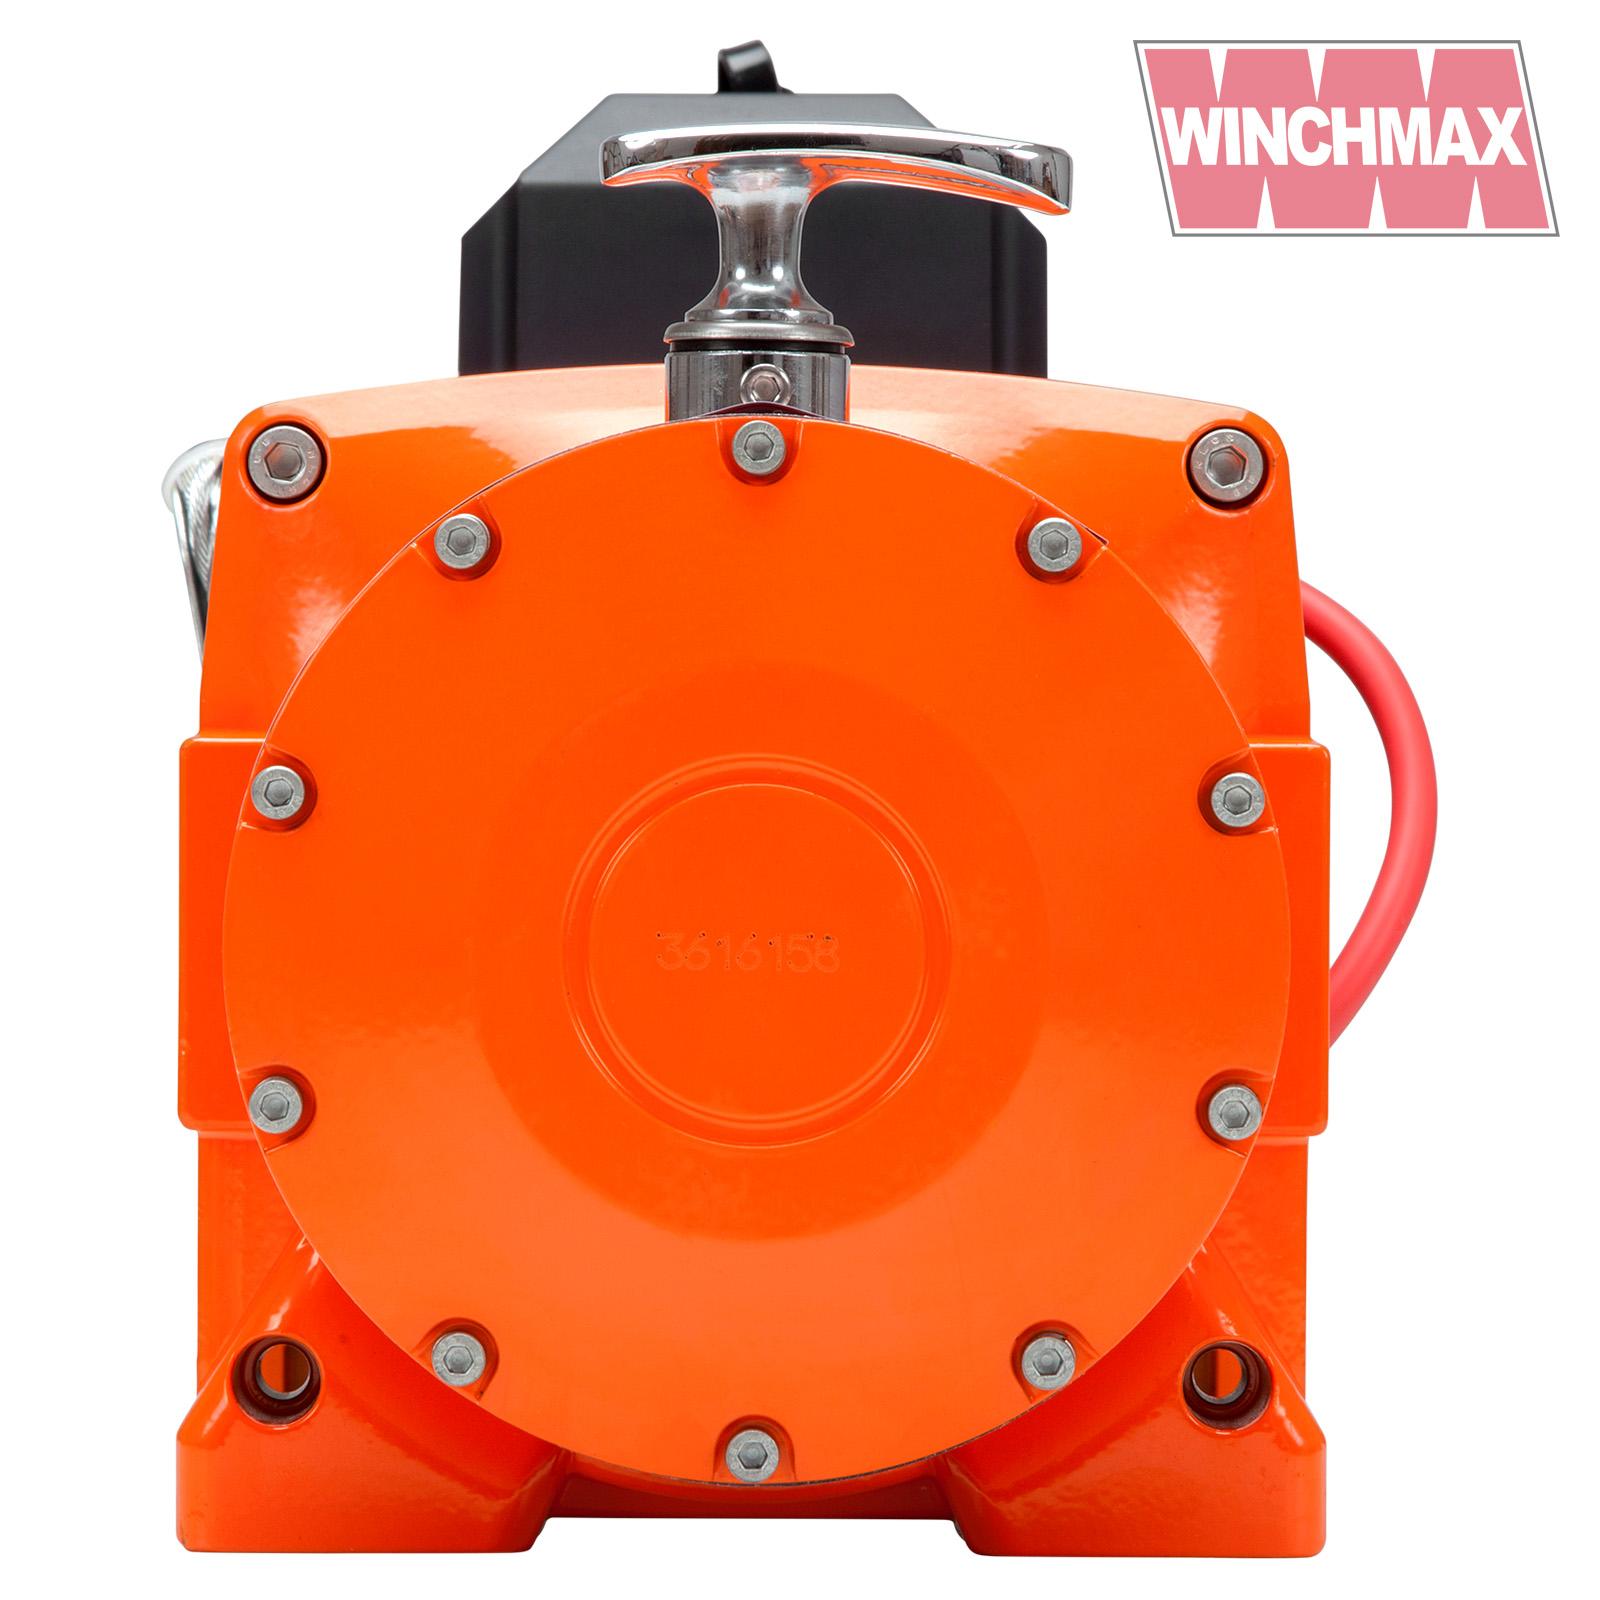 Wm1700024vr winchmax 303